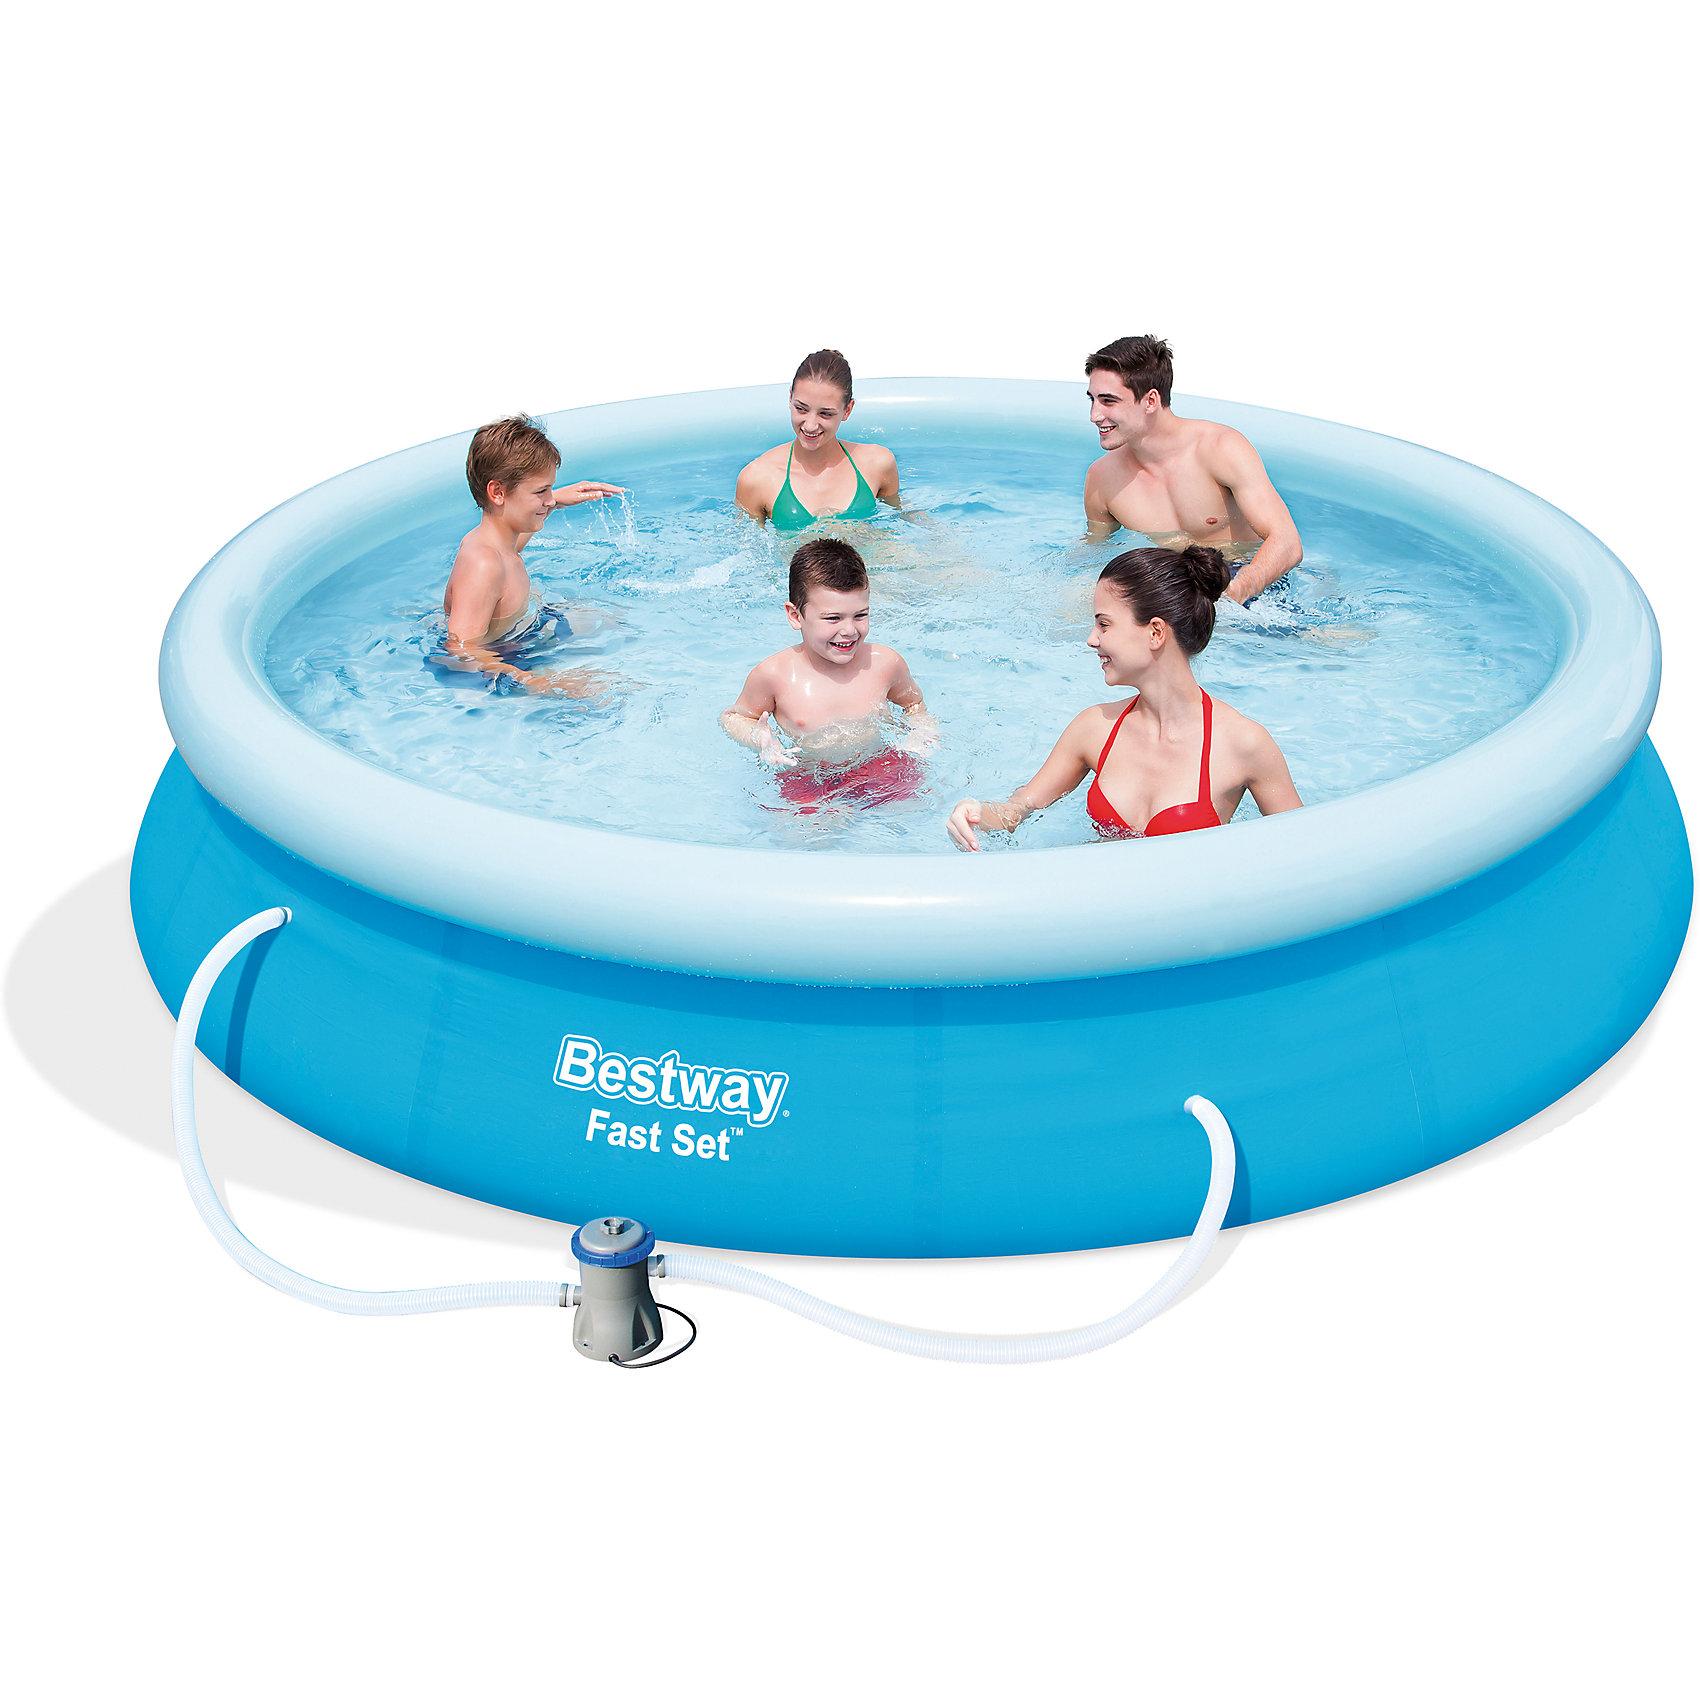 Бассейн с надувным бортом 5377 л, с фильтр-насосом, BestwayБассейн с надувным бортом, Bestway, станет замечательным развлечением для Ваших детей в жаркие летние дни. Надувной бассейн изготовлен из прочного винилового материала, который способен выдерживать большие нагрузки. Высокий бортик поддерживается надувным кольцом по верхнему краю, он удерживает объем воды бассейна от выливания. Бассейн легко и быстро собирается и устанавливается. В комплект также входит насос-фильтр и  DVD диск с подробной инструкцией.<br><br>Дополнительная информация:<br><br>- В комплекте: бассейн, насос-фильтр для очистки воды, DVD диск с инструкцией.<br>- Материал: винил, пластик, металл.<br>- Объем: 5377 л.<br>- Размер: 366 х 76 см.<br>- Размер упаковки: 61 x 31 x 31 см.<br>- Вес: 16,1 кг. <br><br>Бассейн с надувным бортом 5377 л. и фильтр-насосом, Bestway, можно купить в нашем интернет-магазине.<br><br>Ширина мм: 610<br>Глубина мм: 310<br>Высота мм: 310<br>Вес г: 16100<br>Возраст от месяцев: 36<br>Возраст до месяцев: 2147483647<br>Пол: Унисекс<br>Возраст: Детский<br>SKU: 4292347